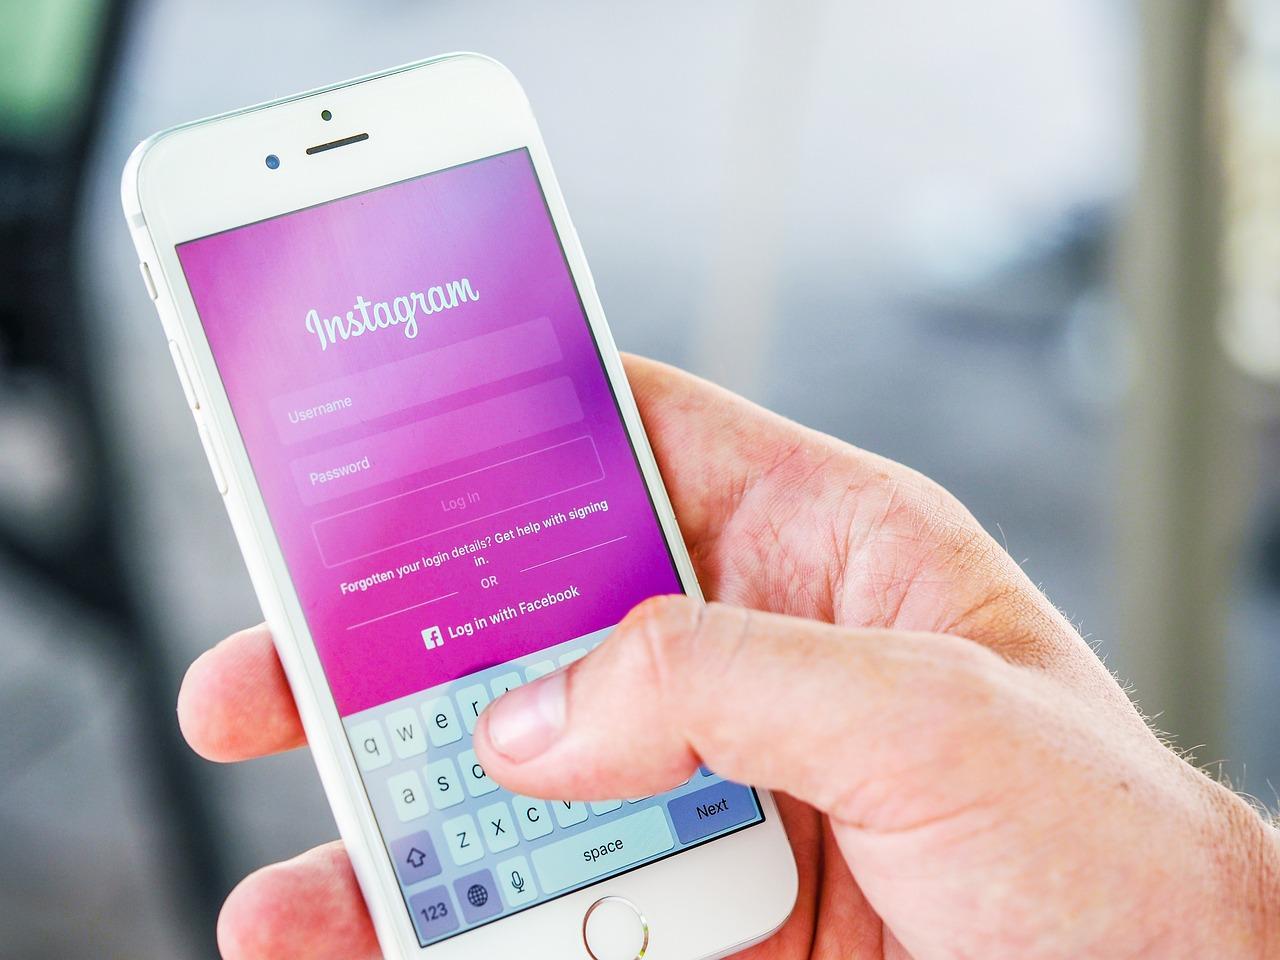 呼び出す, Iphone, ログイン, モバイル, ネットワーク, パスワード, 電話, 社会